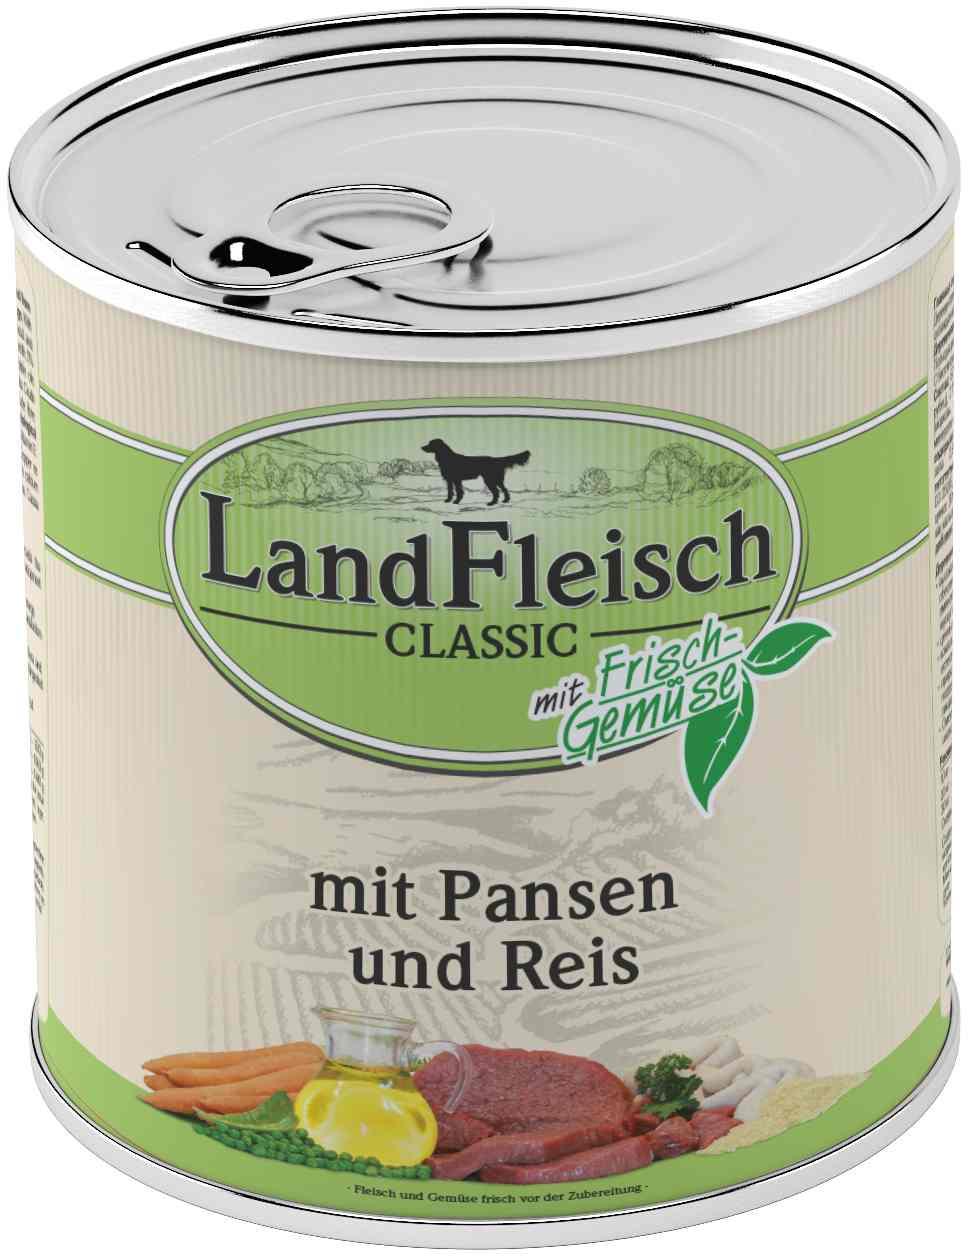 Landfleisch Dog Classic Pansen, Reis 800g